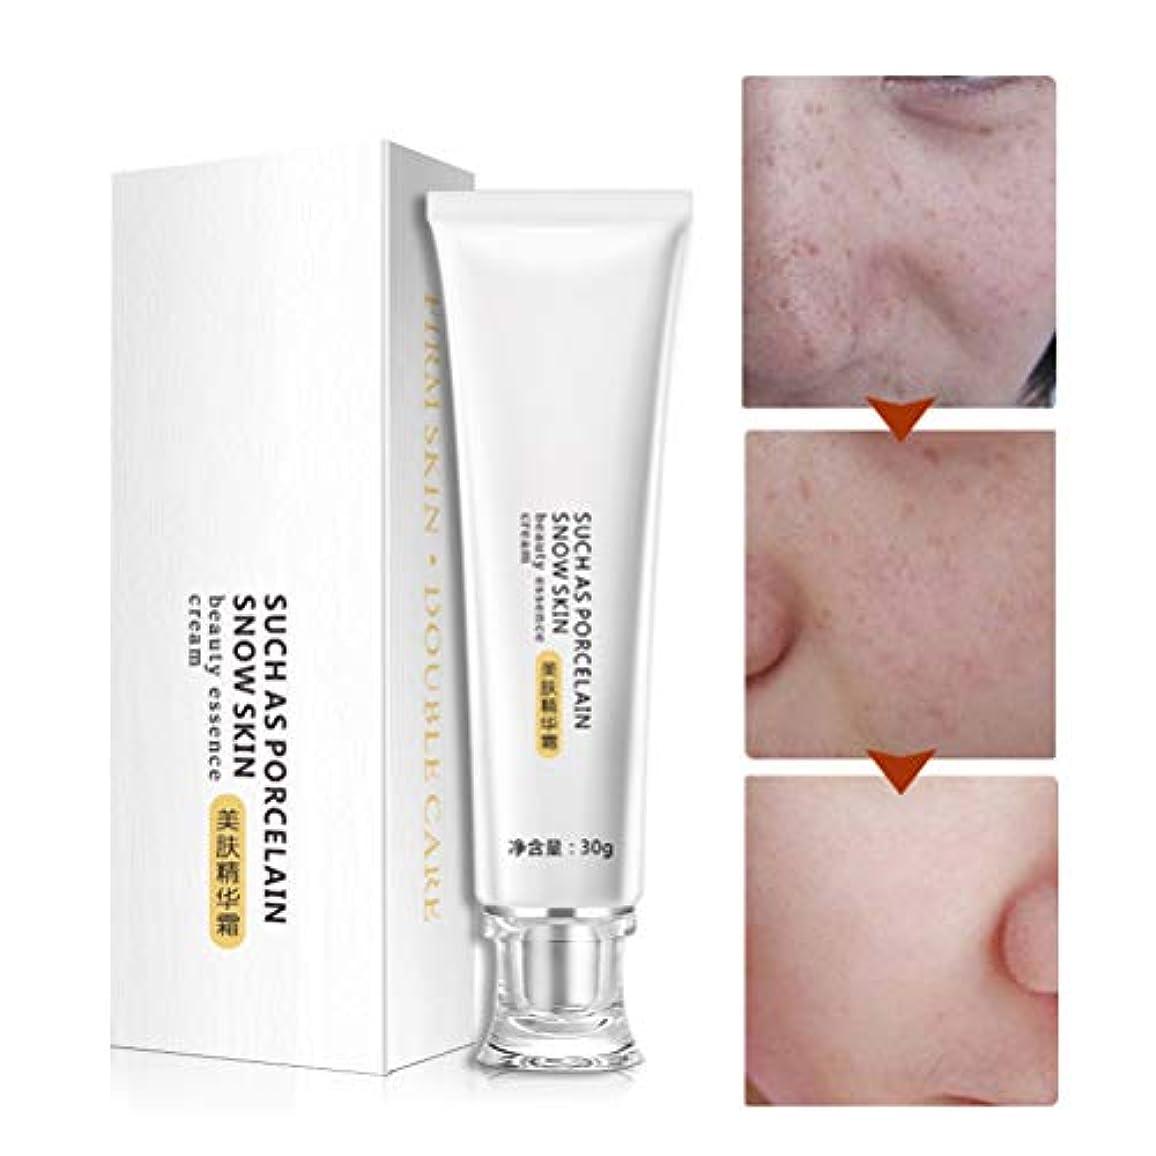 チャップ高層ビル米ドルBTSMAT 暗い肌の全身のためのクリームの保湿のクリームを白くする強力な皮